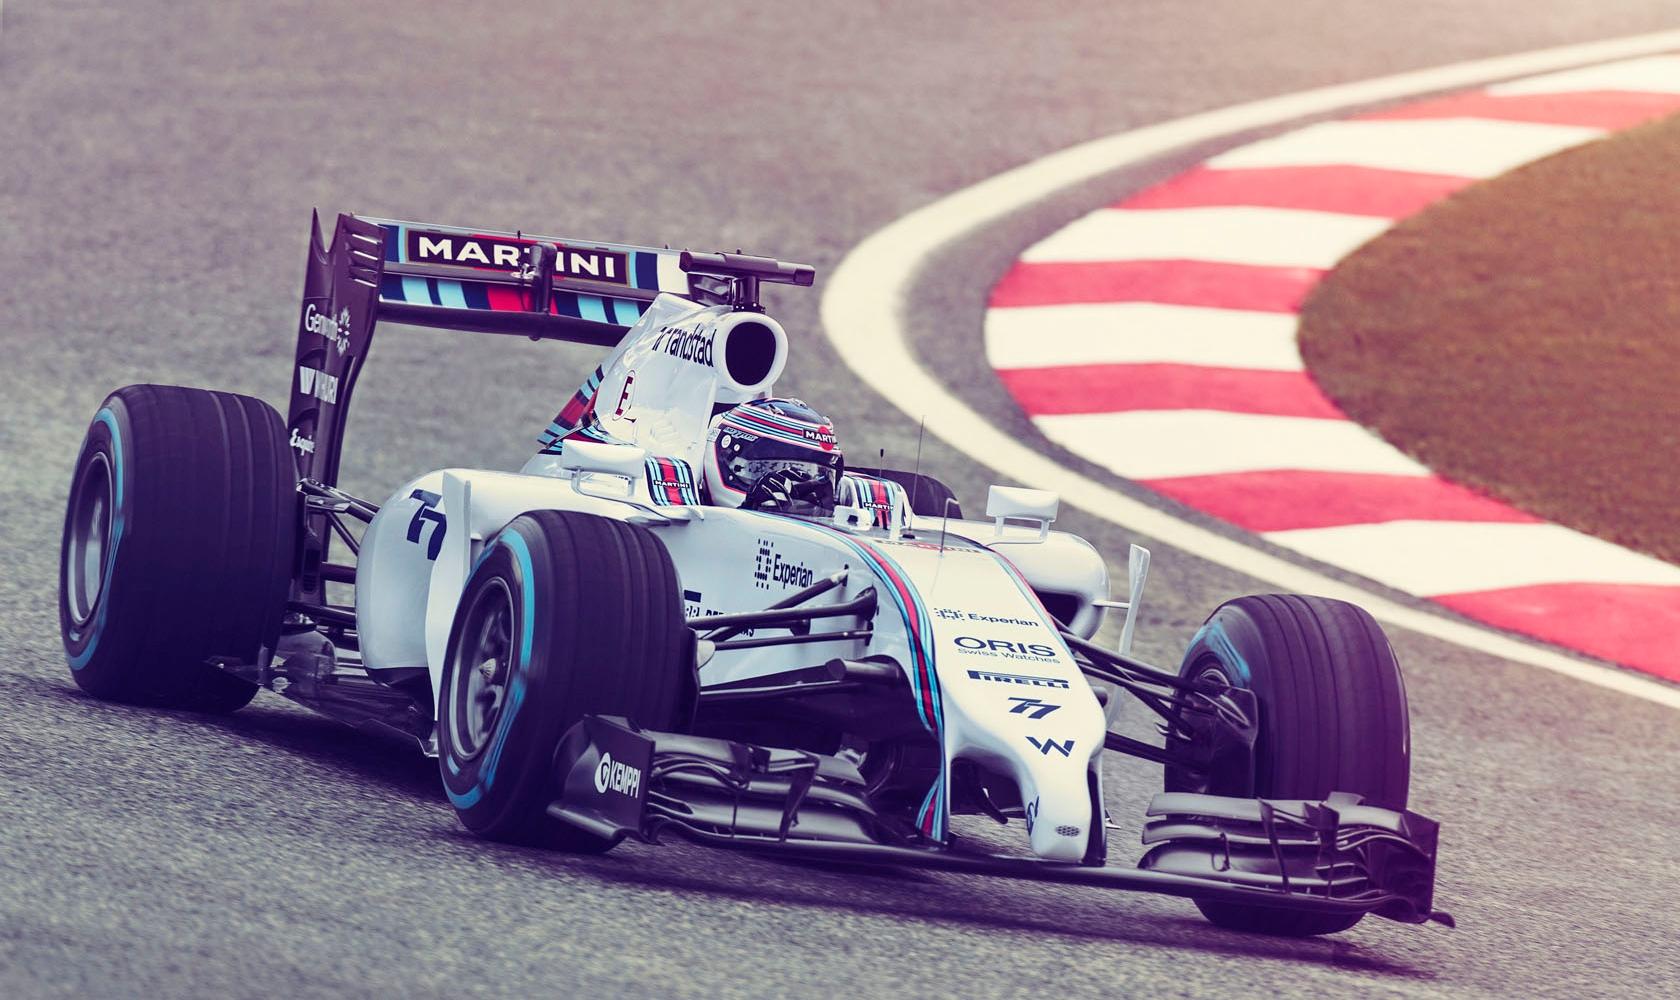 ウィリアムズ・マルティーニF1レーシングチームが3Dプリンターをパーツ作りに使用